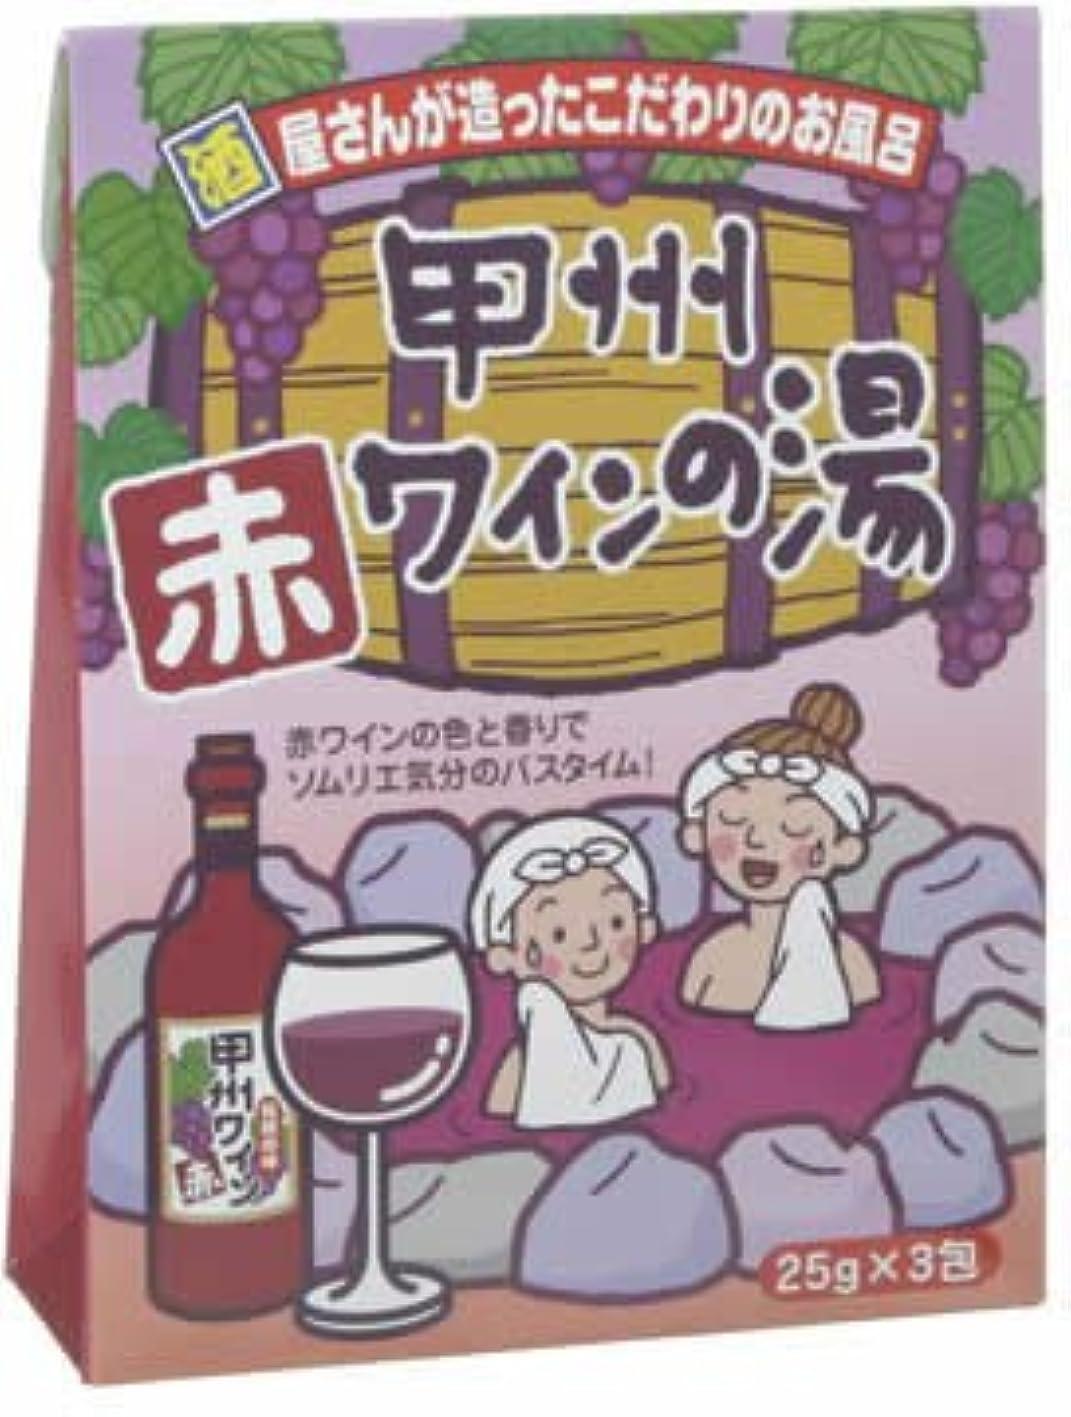 しかしながら不一致発音する甲州 赤ワインの湯 25g*3包